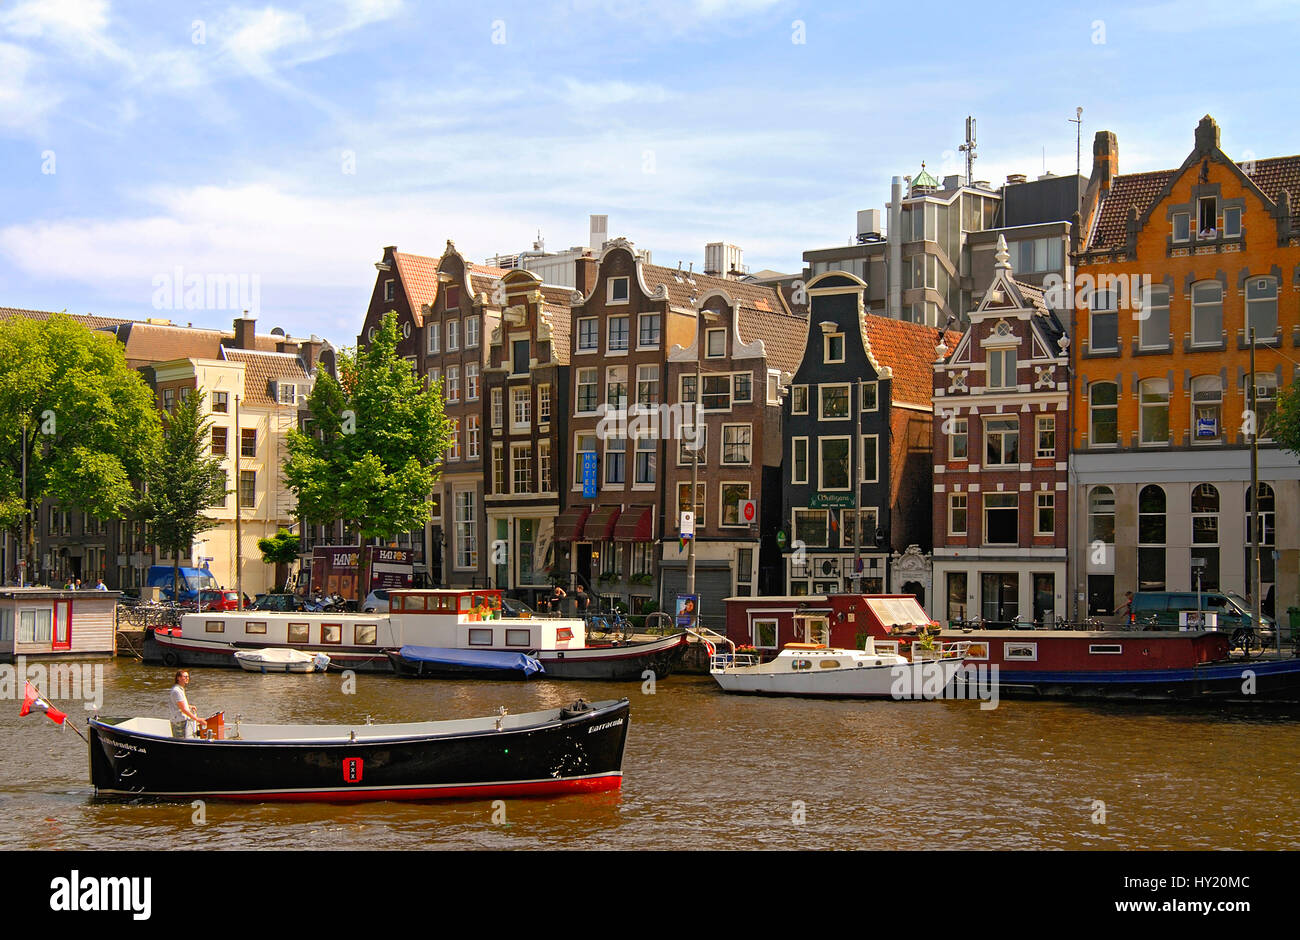 Immagine della piccola imbarcazione a motore di guida in un canale di acqua nella parte interna della città di Amsterdam, Olanda. Foto Stock